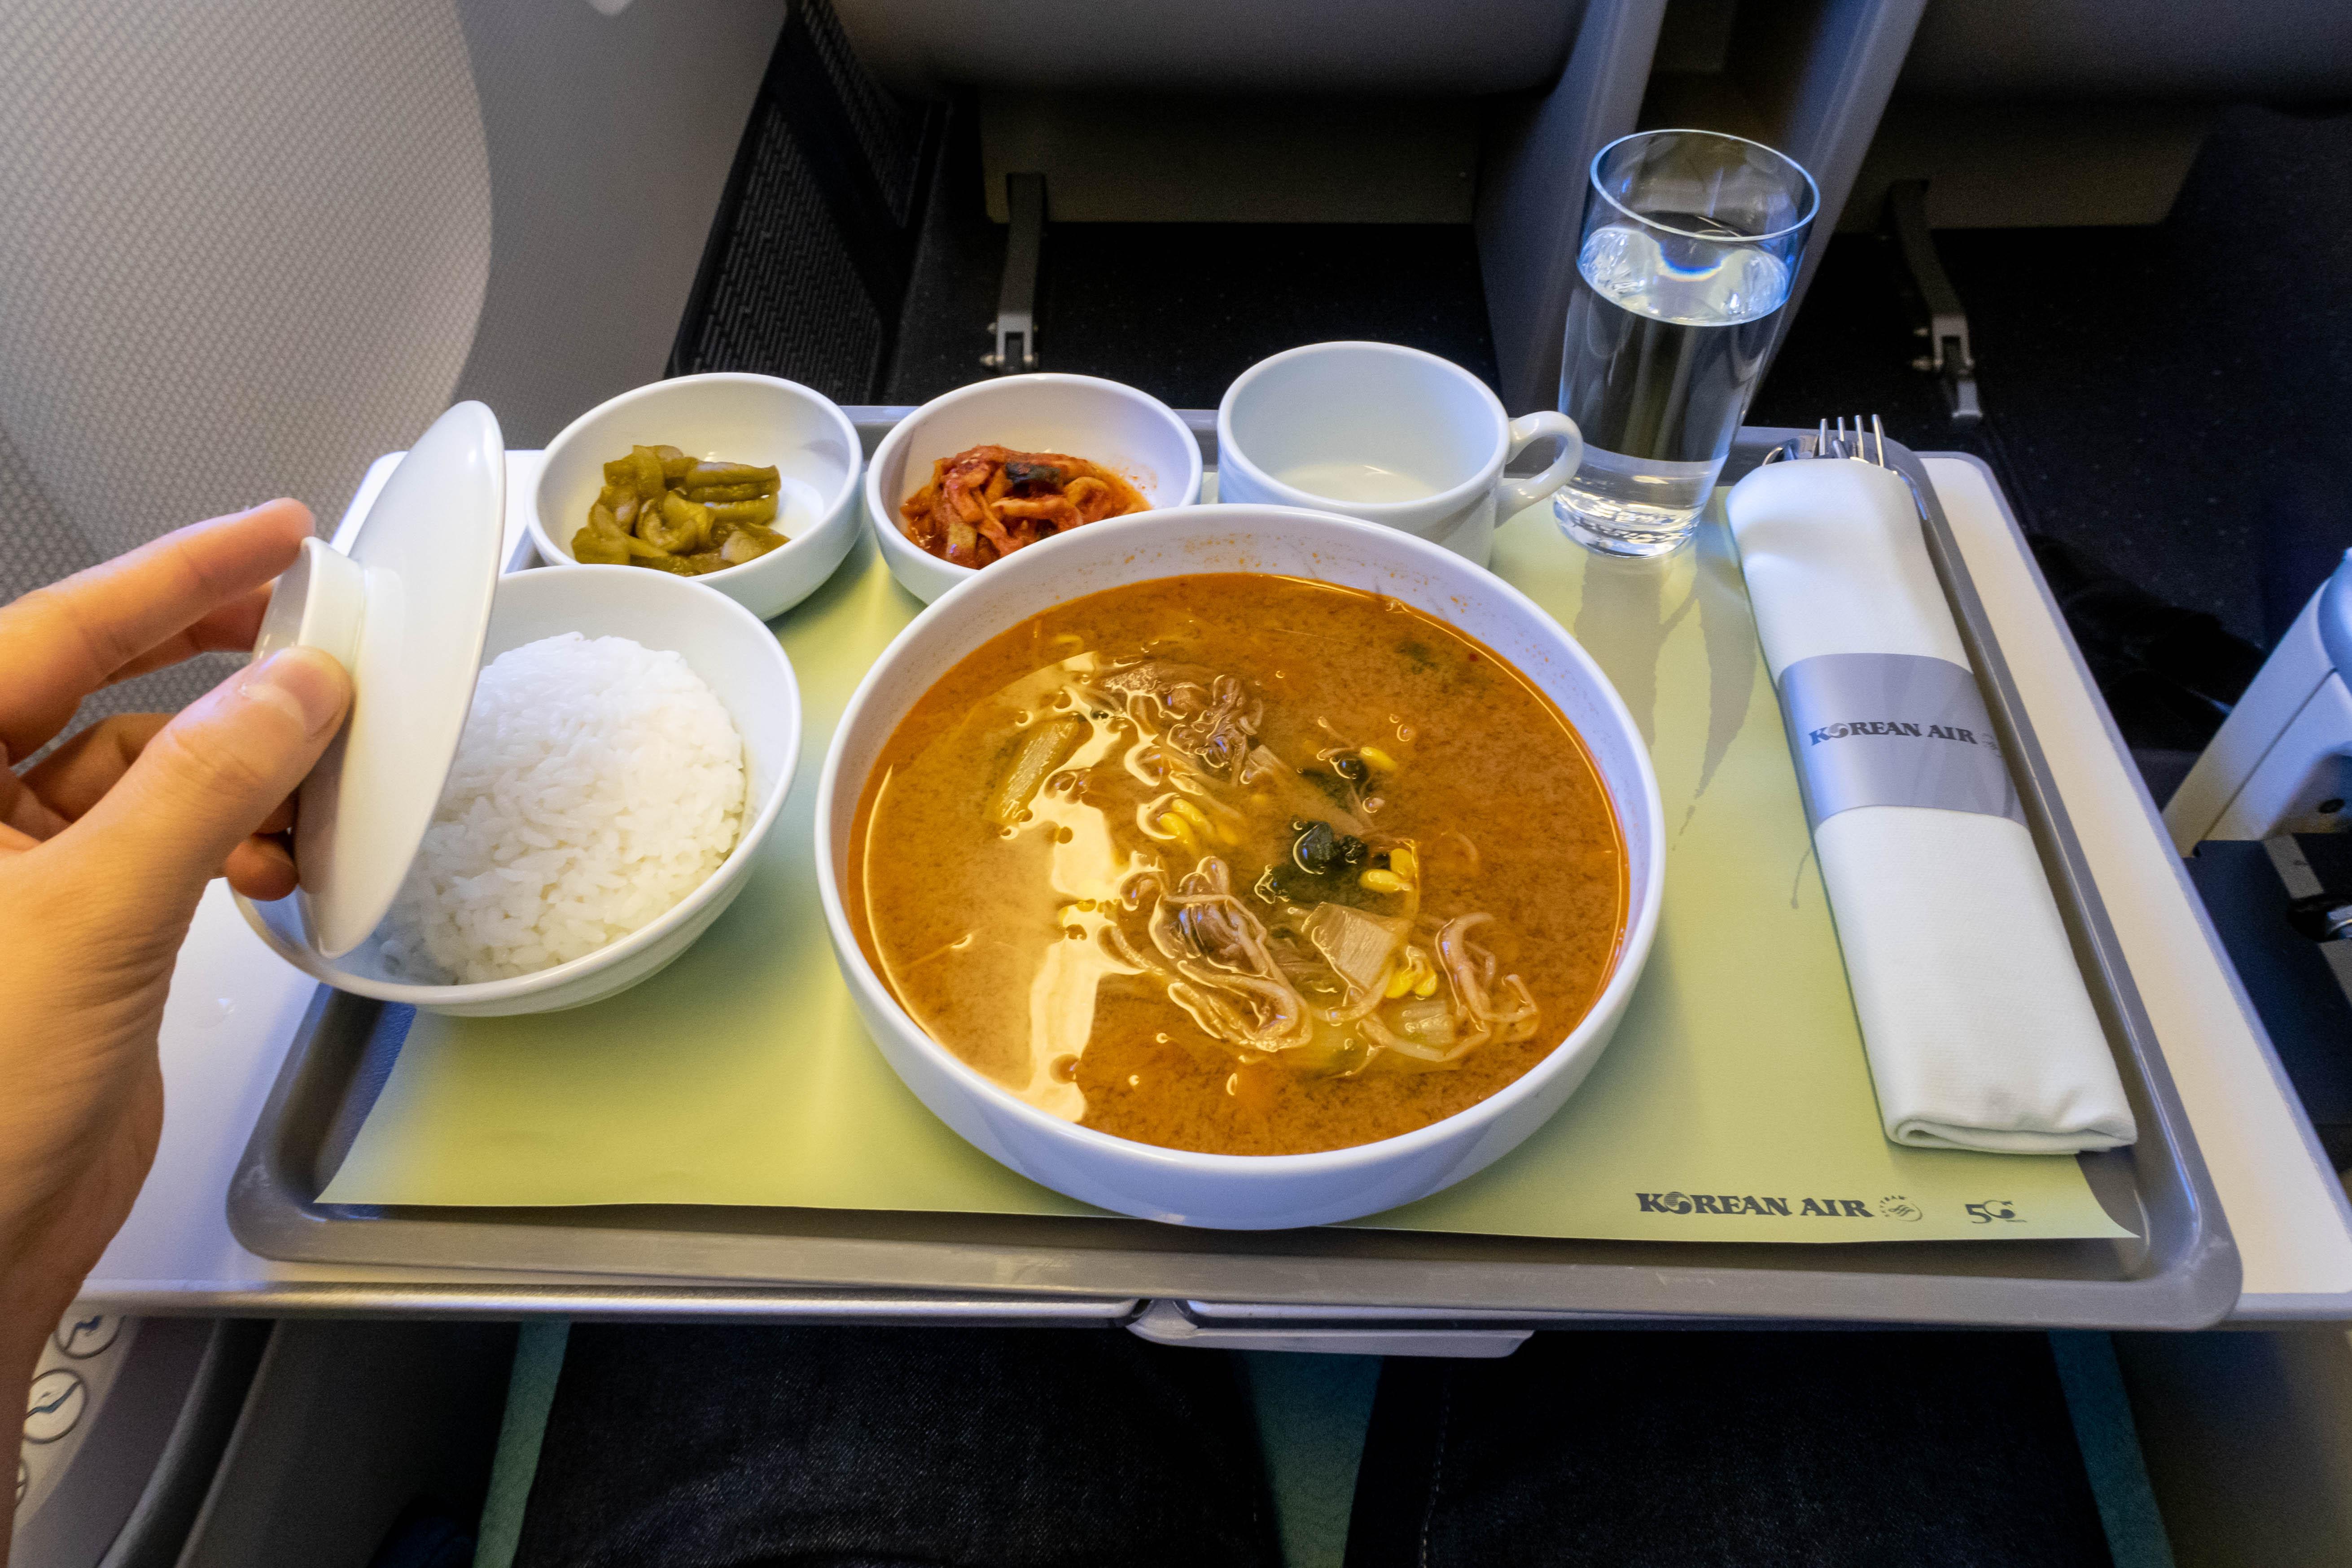 Korean Air Business Class Brunch